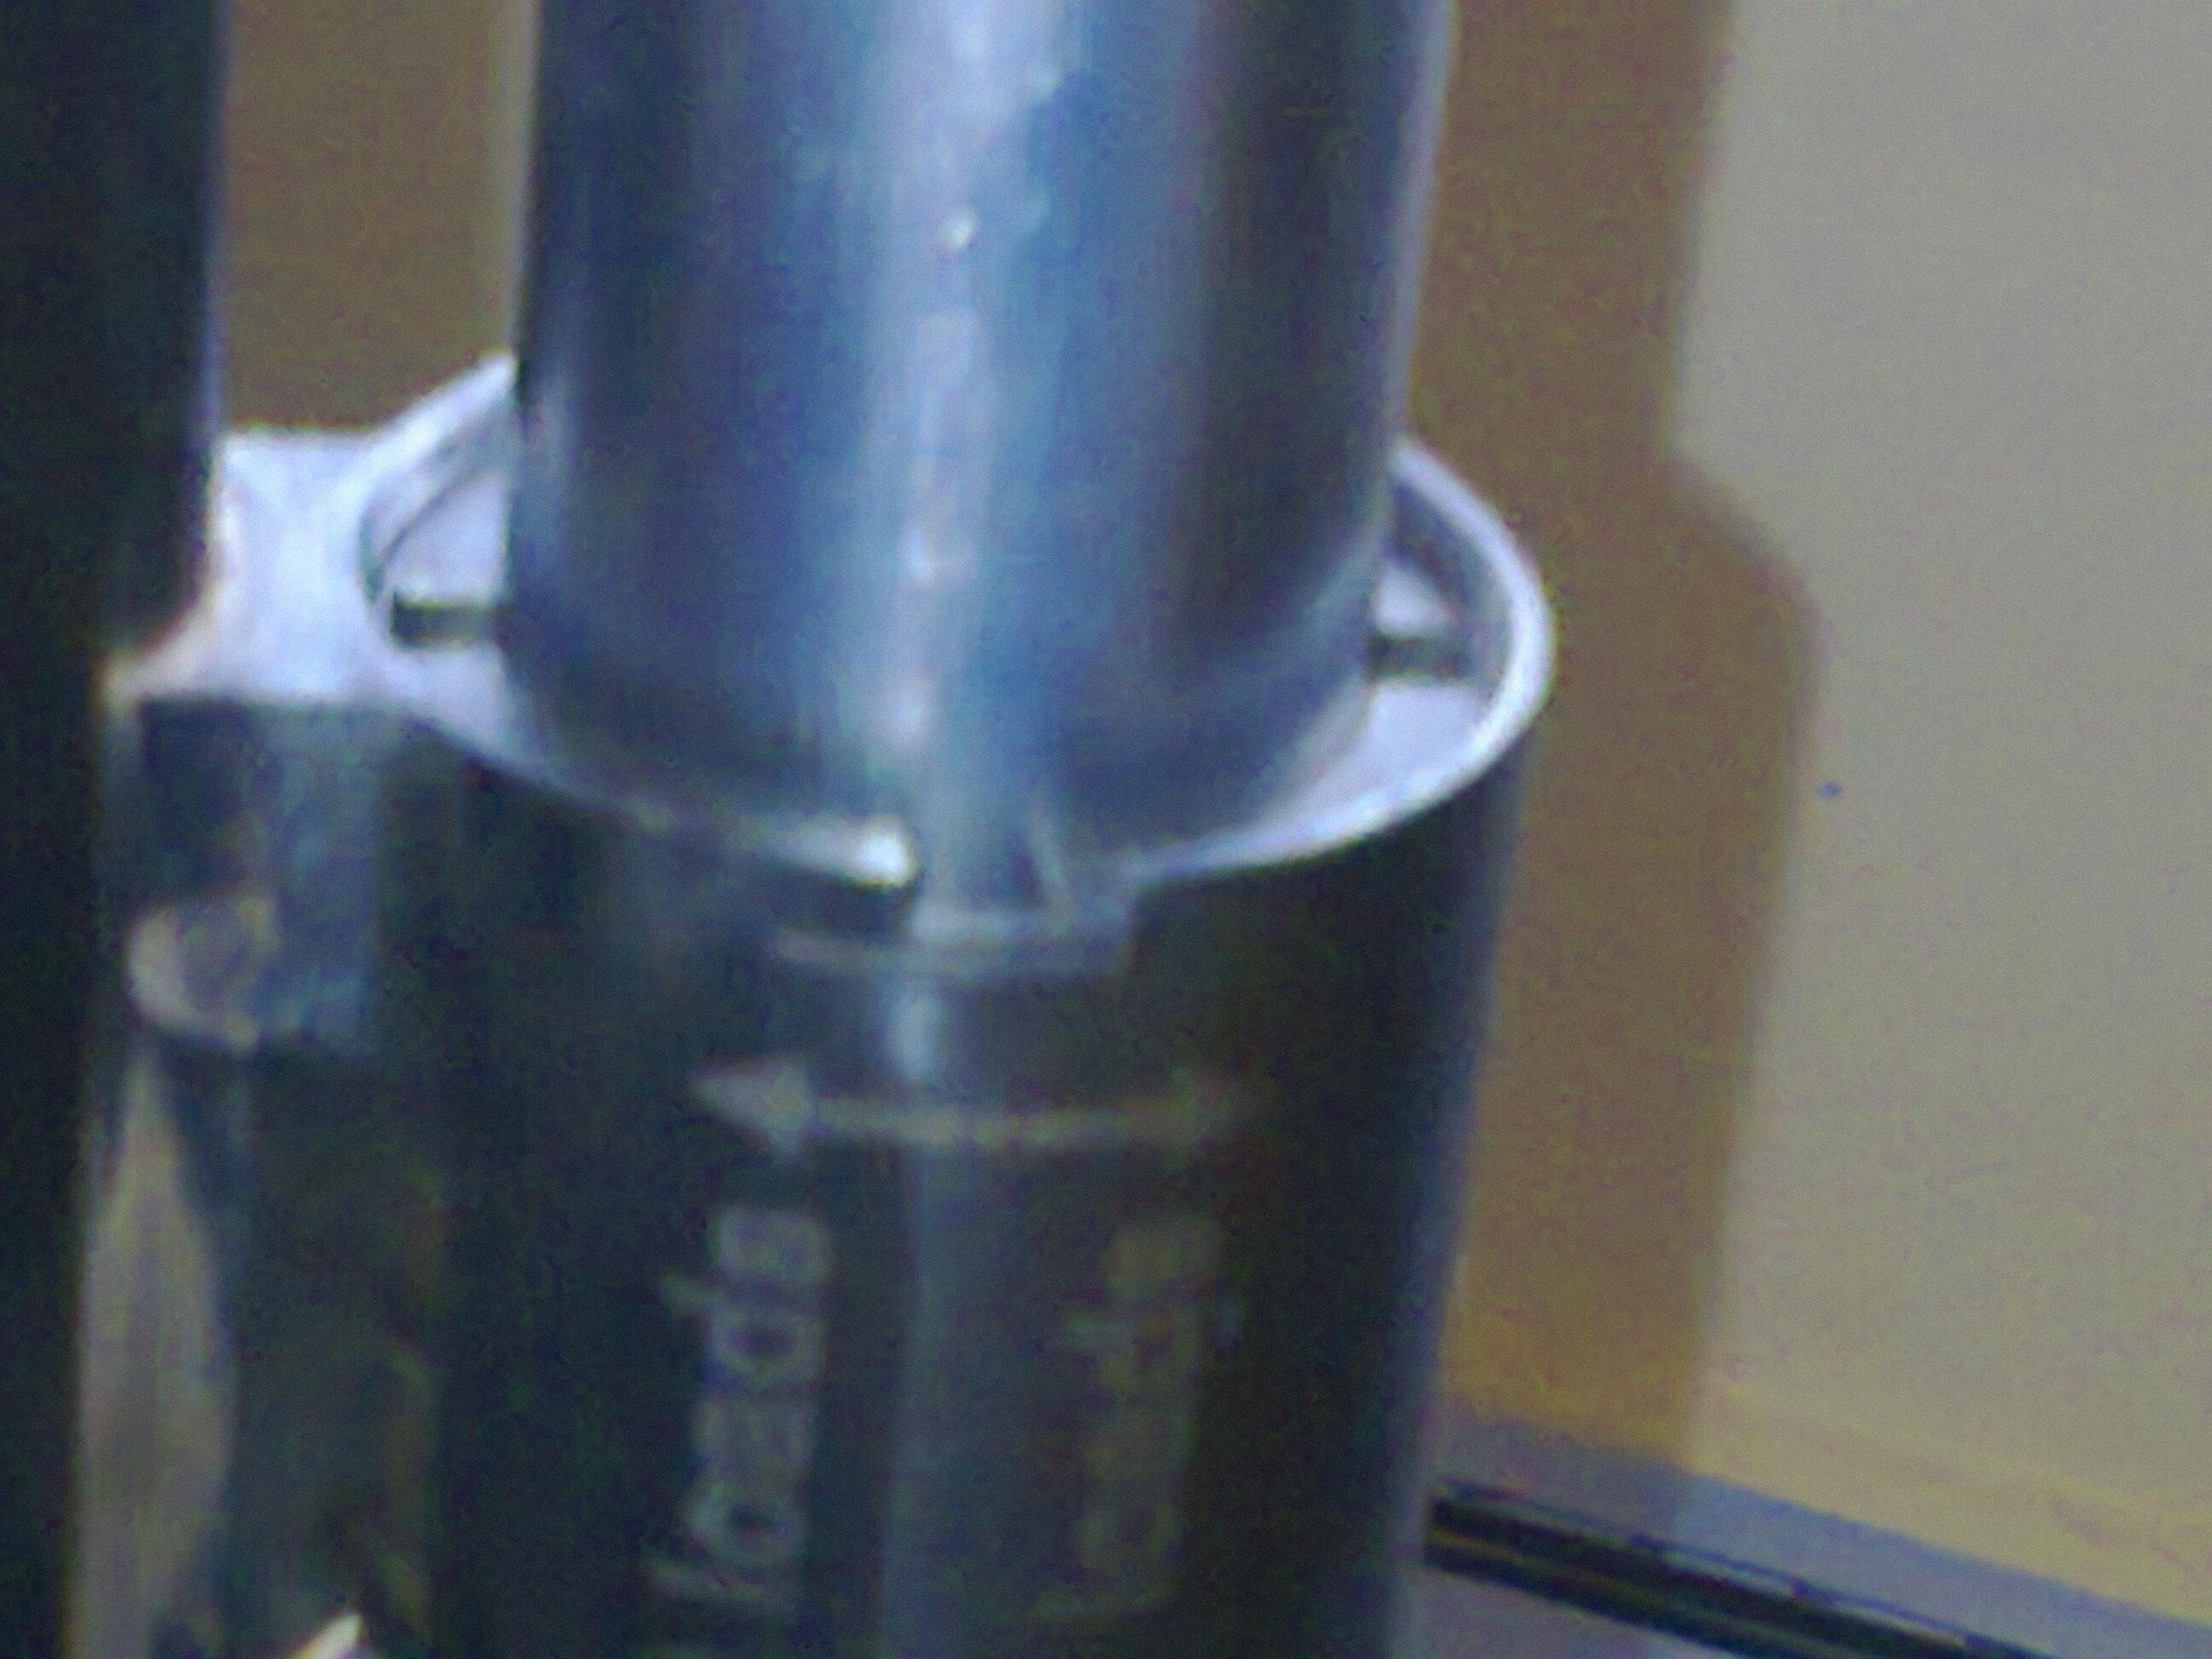 منظّم الغاز في البيكال mp-153  Alshiaclubs-d5f2076f05